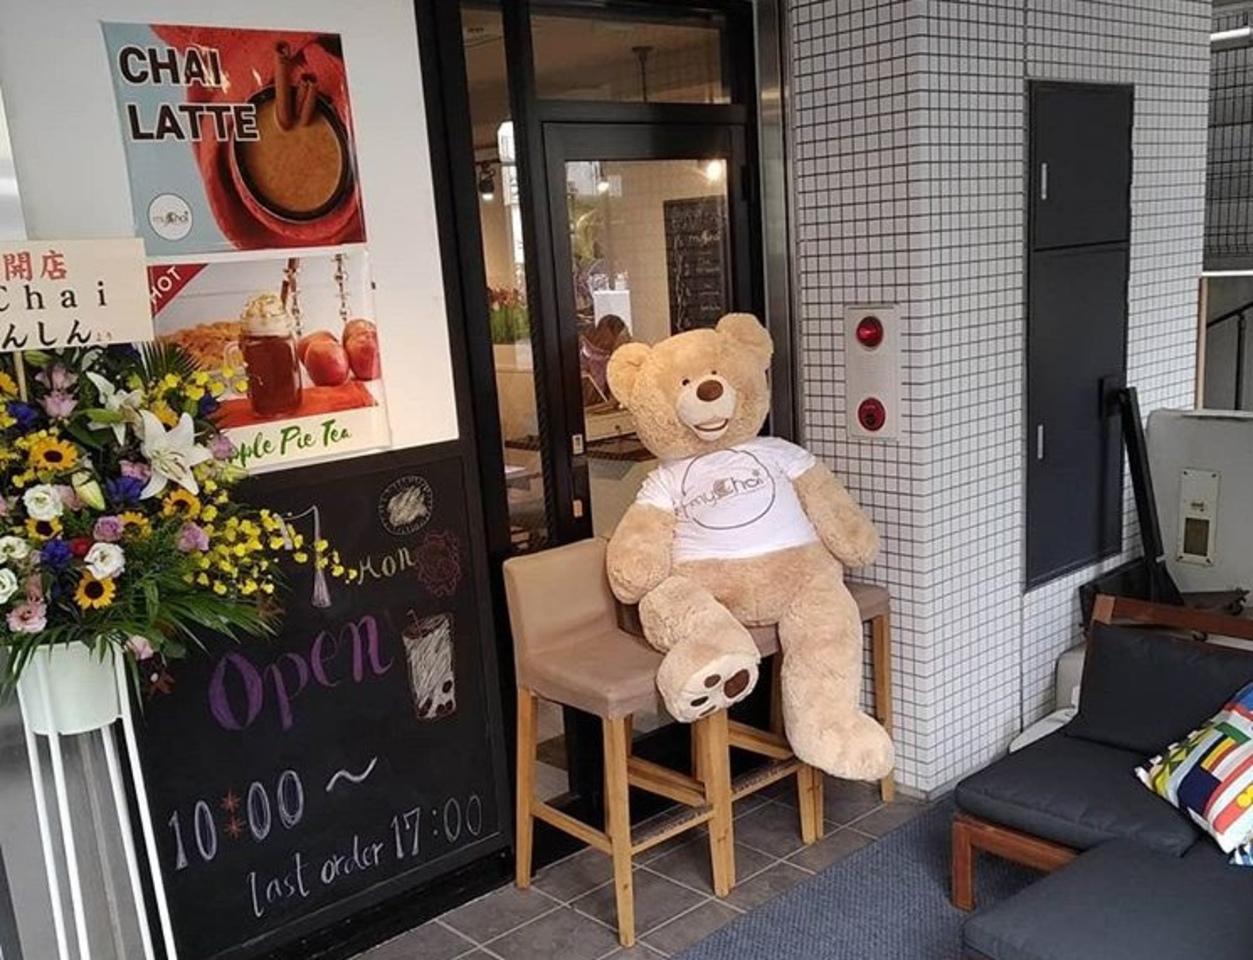 東京都墨田区亀沢2丁目にチャイのお店「マイチャイ」がオープンされたようです。